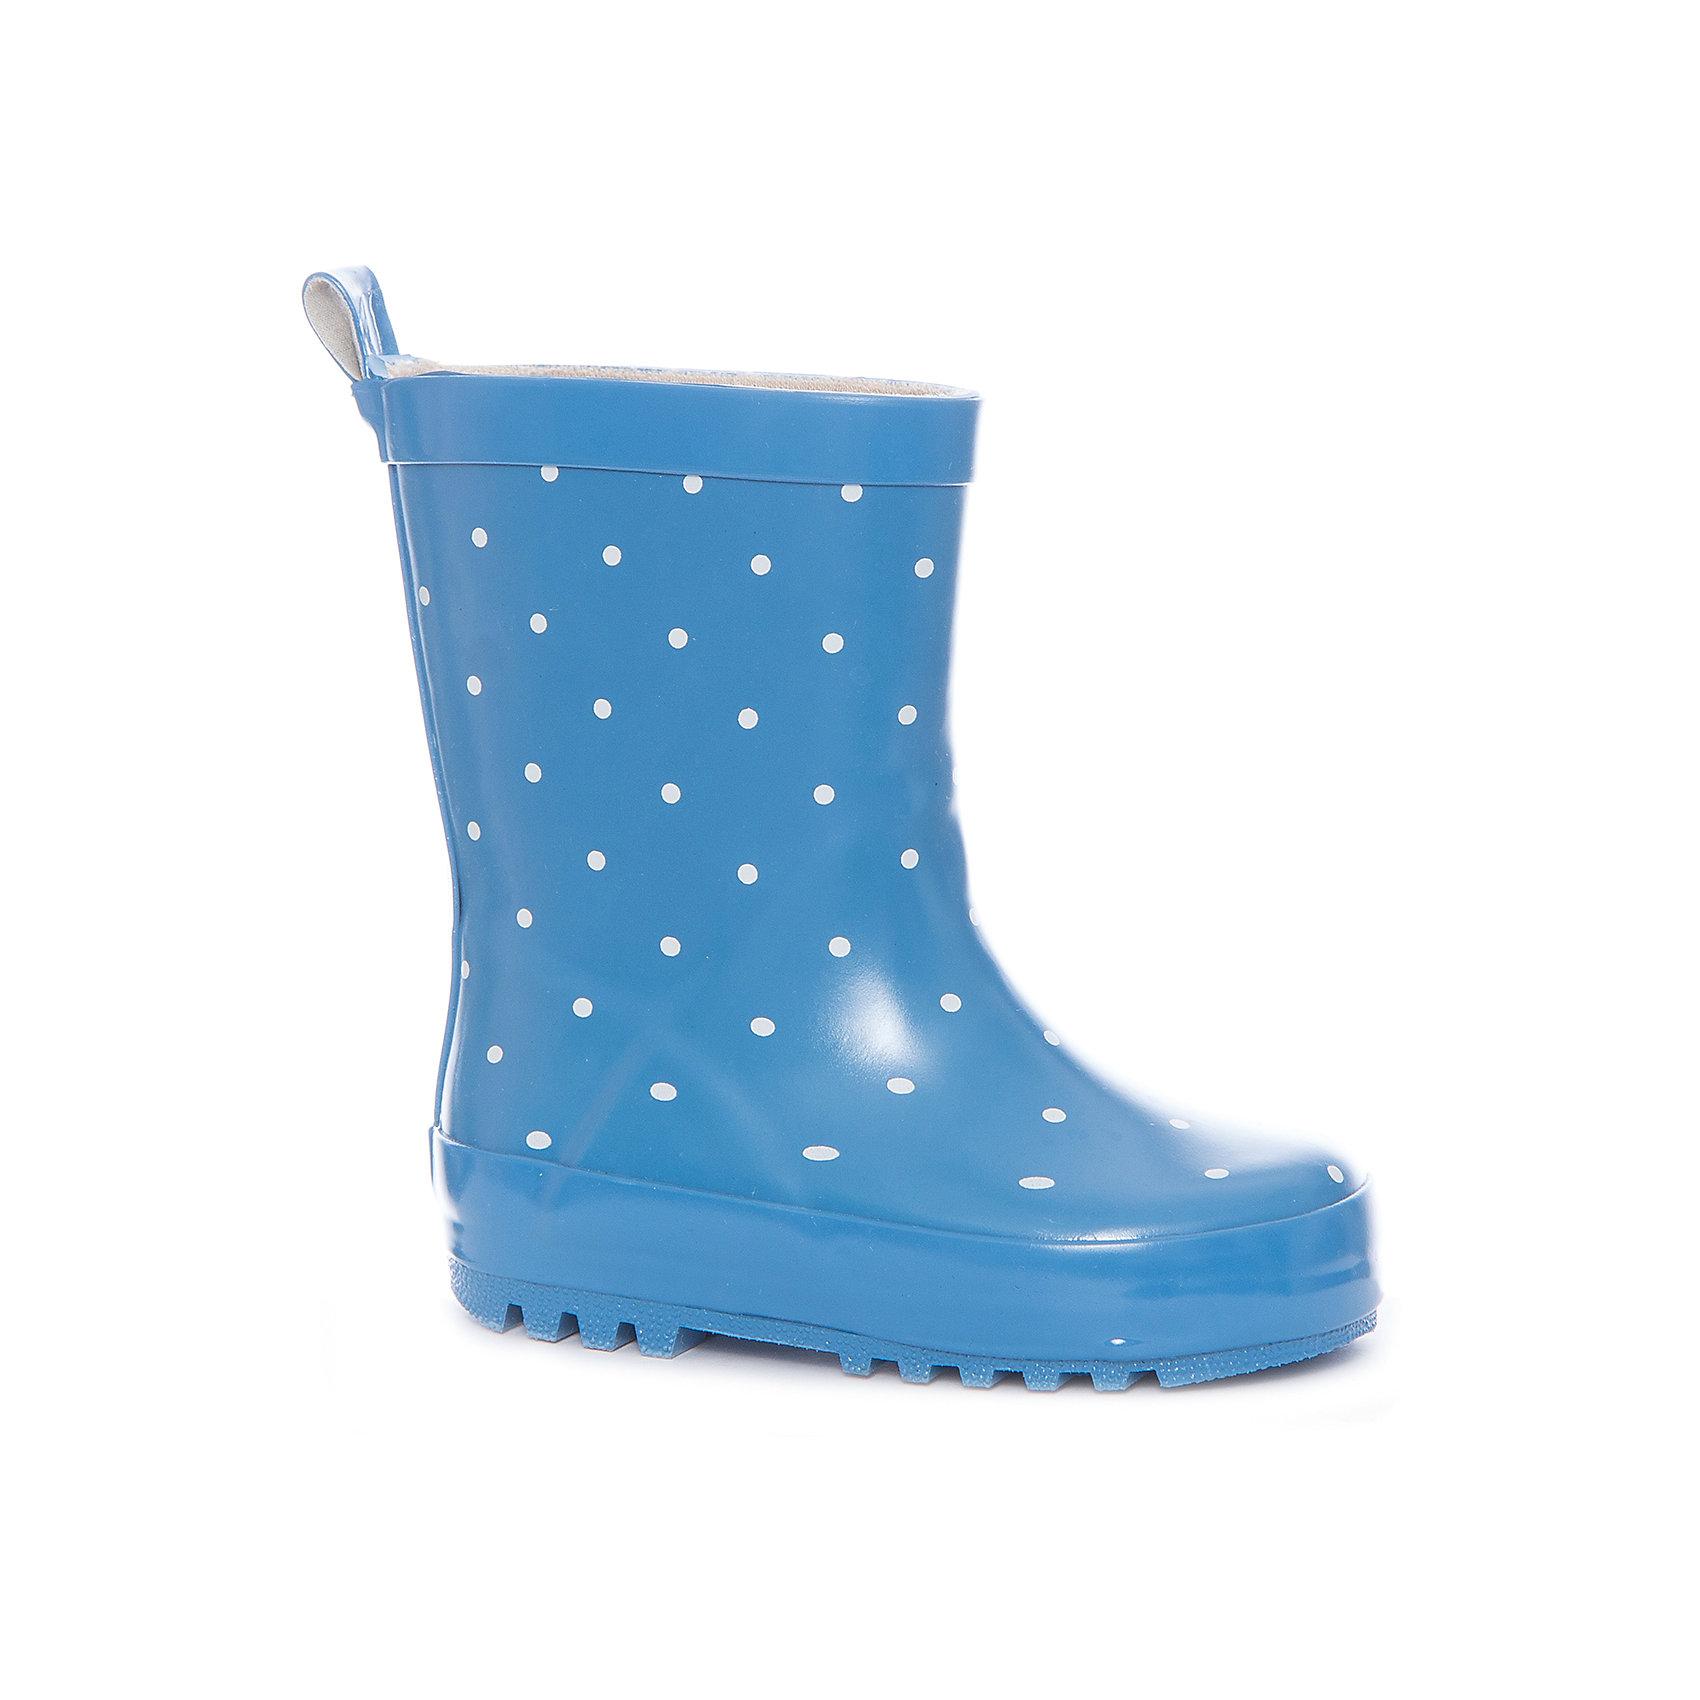 Резиновые сапоги  для девочки PlayTodayРезиновые сапоги<br>Сапоги для девочки PlayToday<br>Резиновые сапоги для ежедневного использования в дождливую погоду. Модель на утолщенной рифленой подошве. Небольшой устойчивый каблук. Мягкая подкладка  обеспечит комфорт ногам. Сапоги  декорированы ярким рисунком и контрастным цветом контура подошвы на верхней части голенищаПреимущества: Подкладка из хлопкаМодель на небольшом каблуке<br>Состав:<br>Верх:100%резина;Подкладка:100%хлопок;Подошва:100%резина<br><br>Ширина мм: 183<br>Глубина мм: 60<br>Высота мм: 135<br>Вес г: 119<br>Цвет: разноцветный<br>Возраст от месяцев: 24<br>Возраст до месяцев: 24<br>Пол: Женский<br>Возраст: Детский<br>Размер: 25,26,22,23,24<br>SKU: 5408405